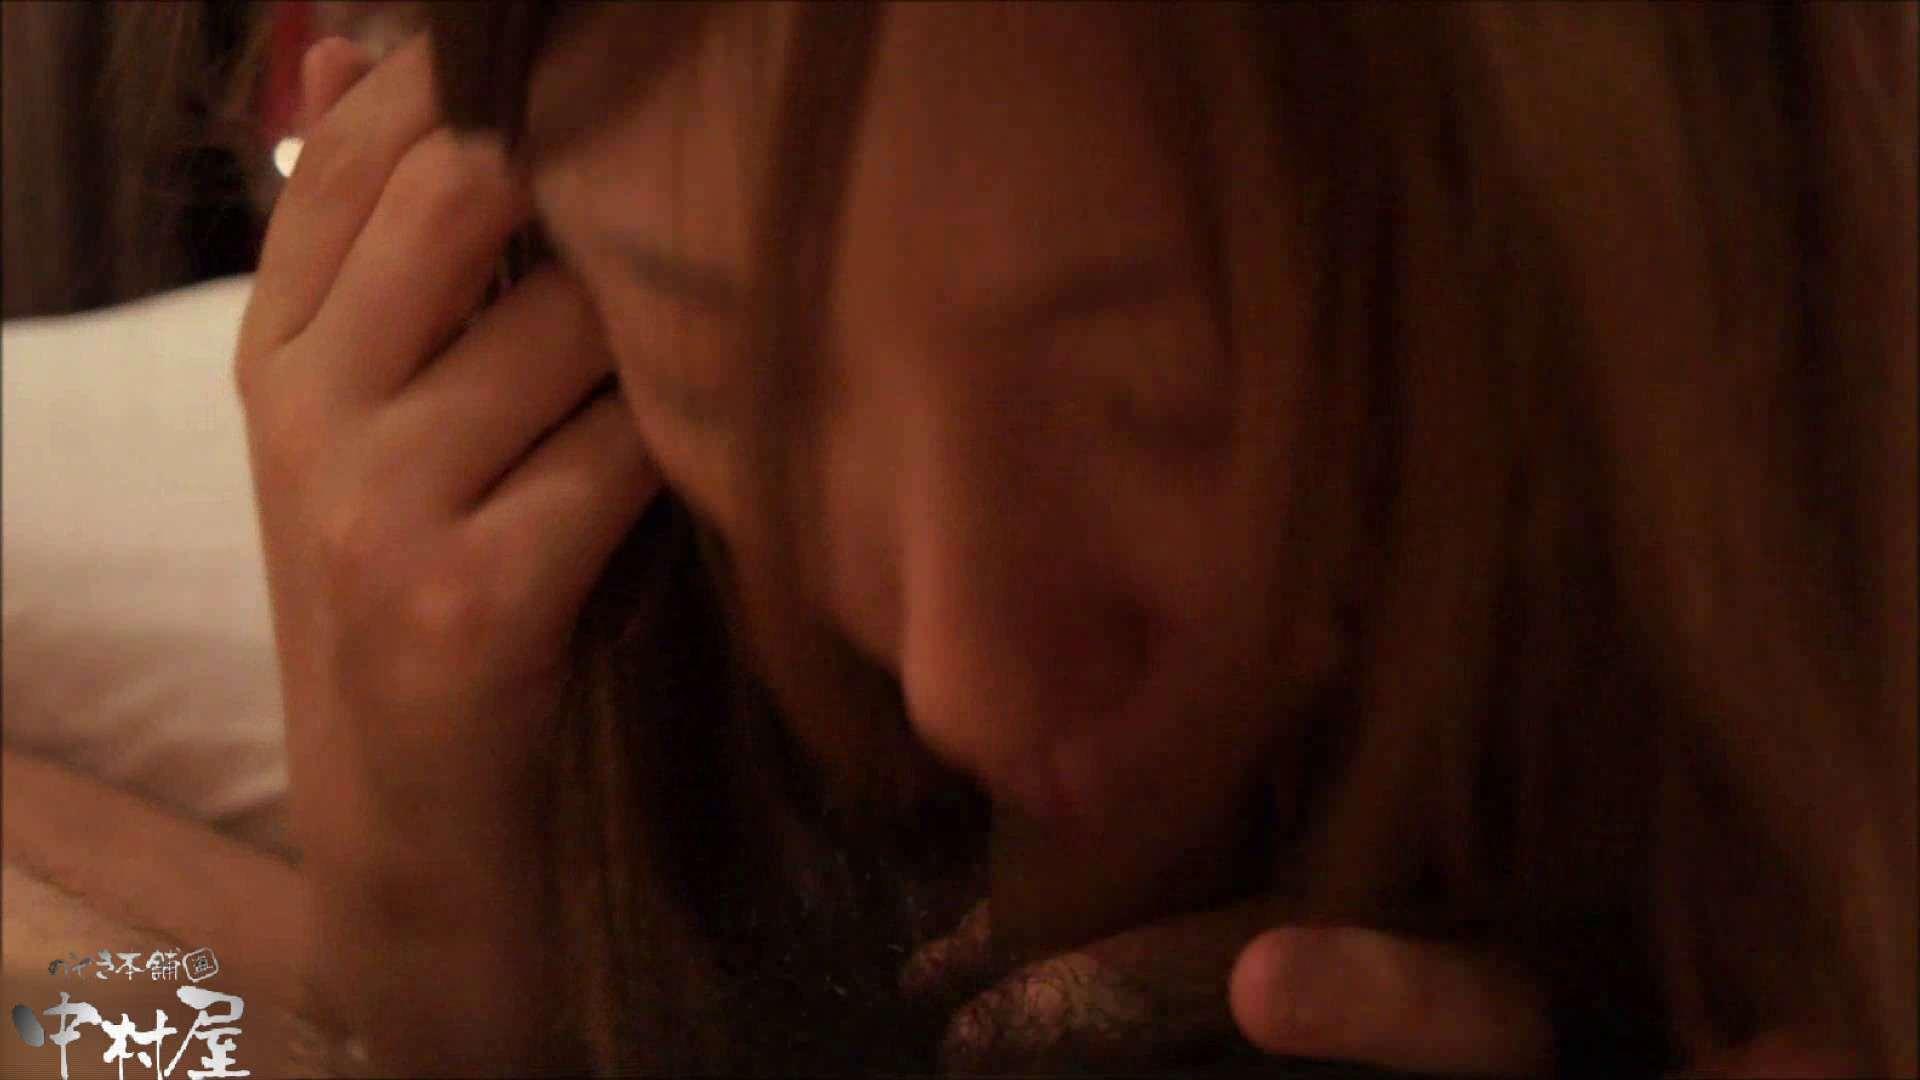 二人とも育てた甲斐がありました…vol.69【妊婦のユリナ】さよなら、これが最後の交わり。 OLセックス | 妊婦ヌード動画  91画像 29